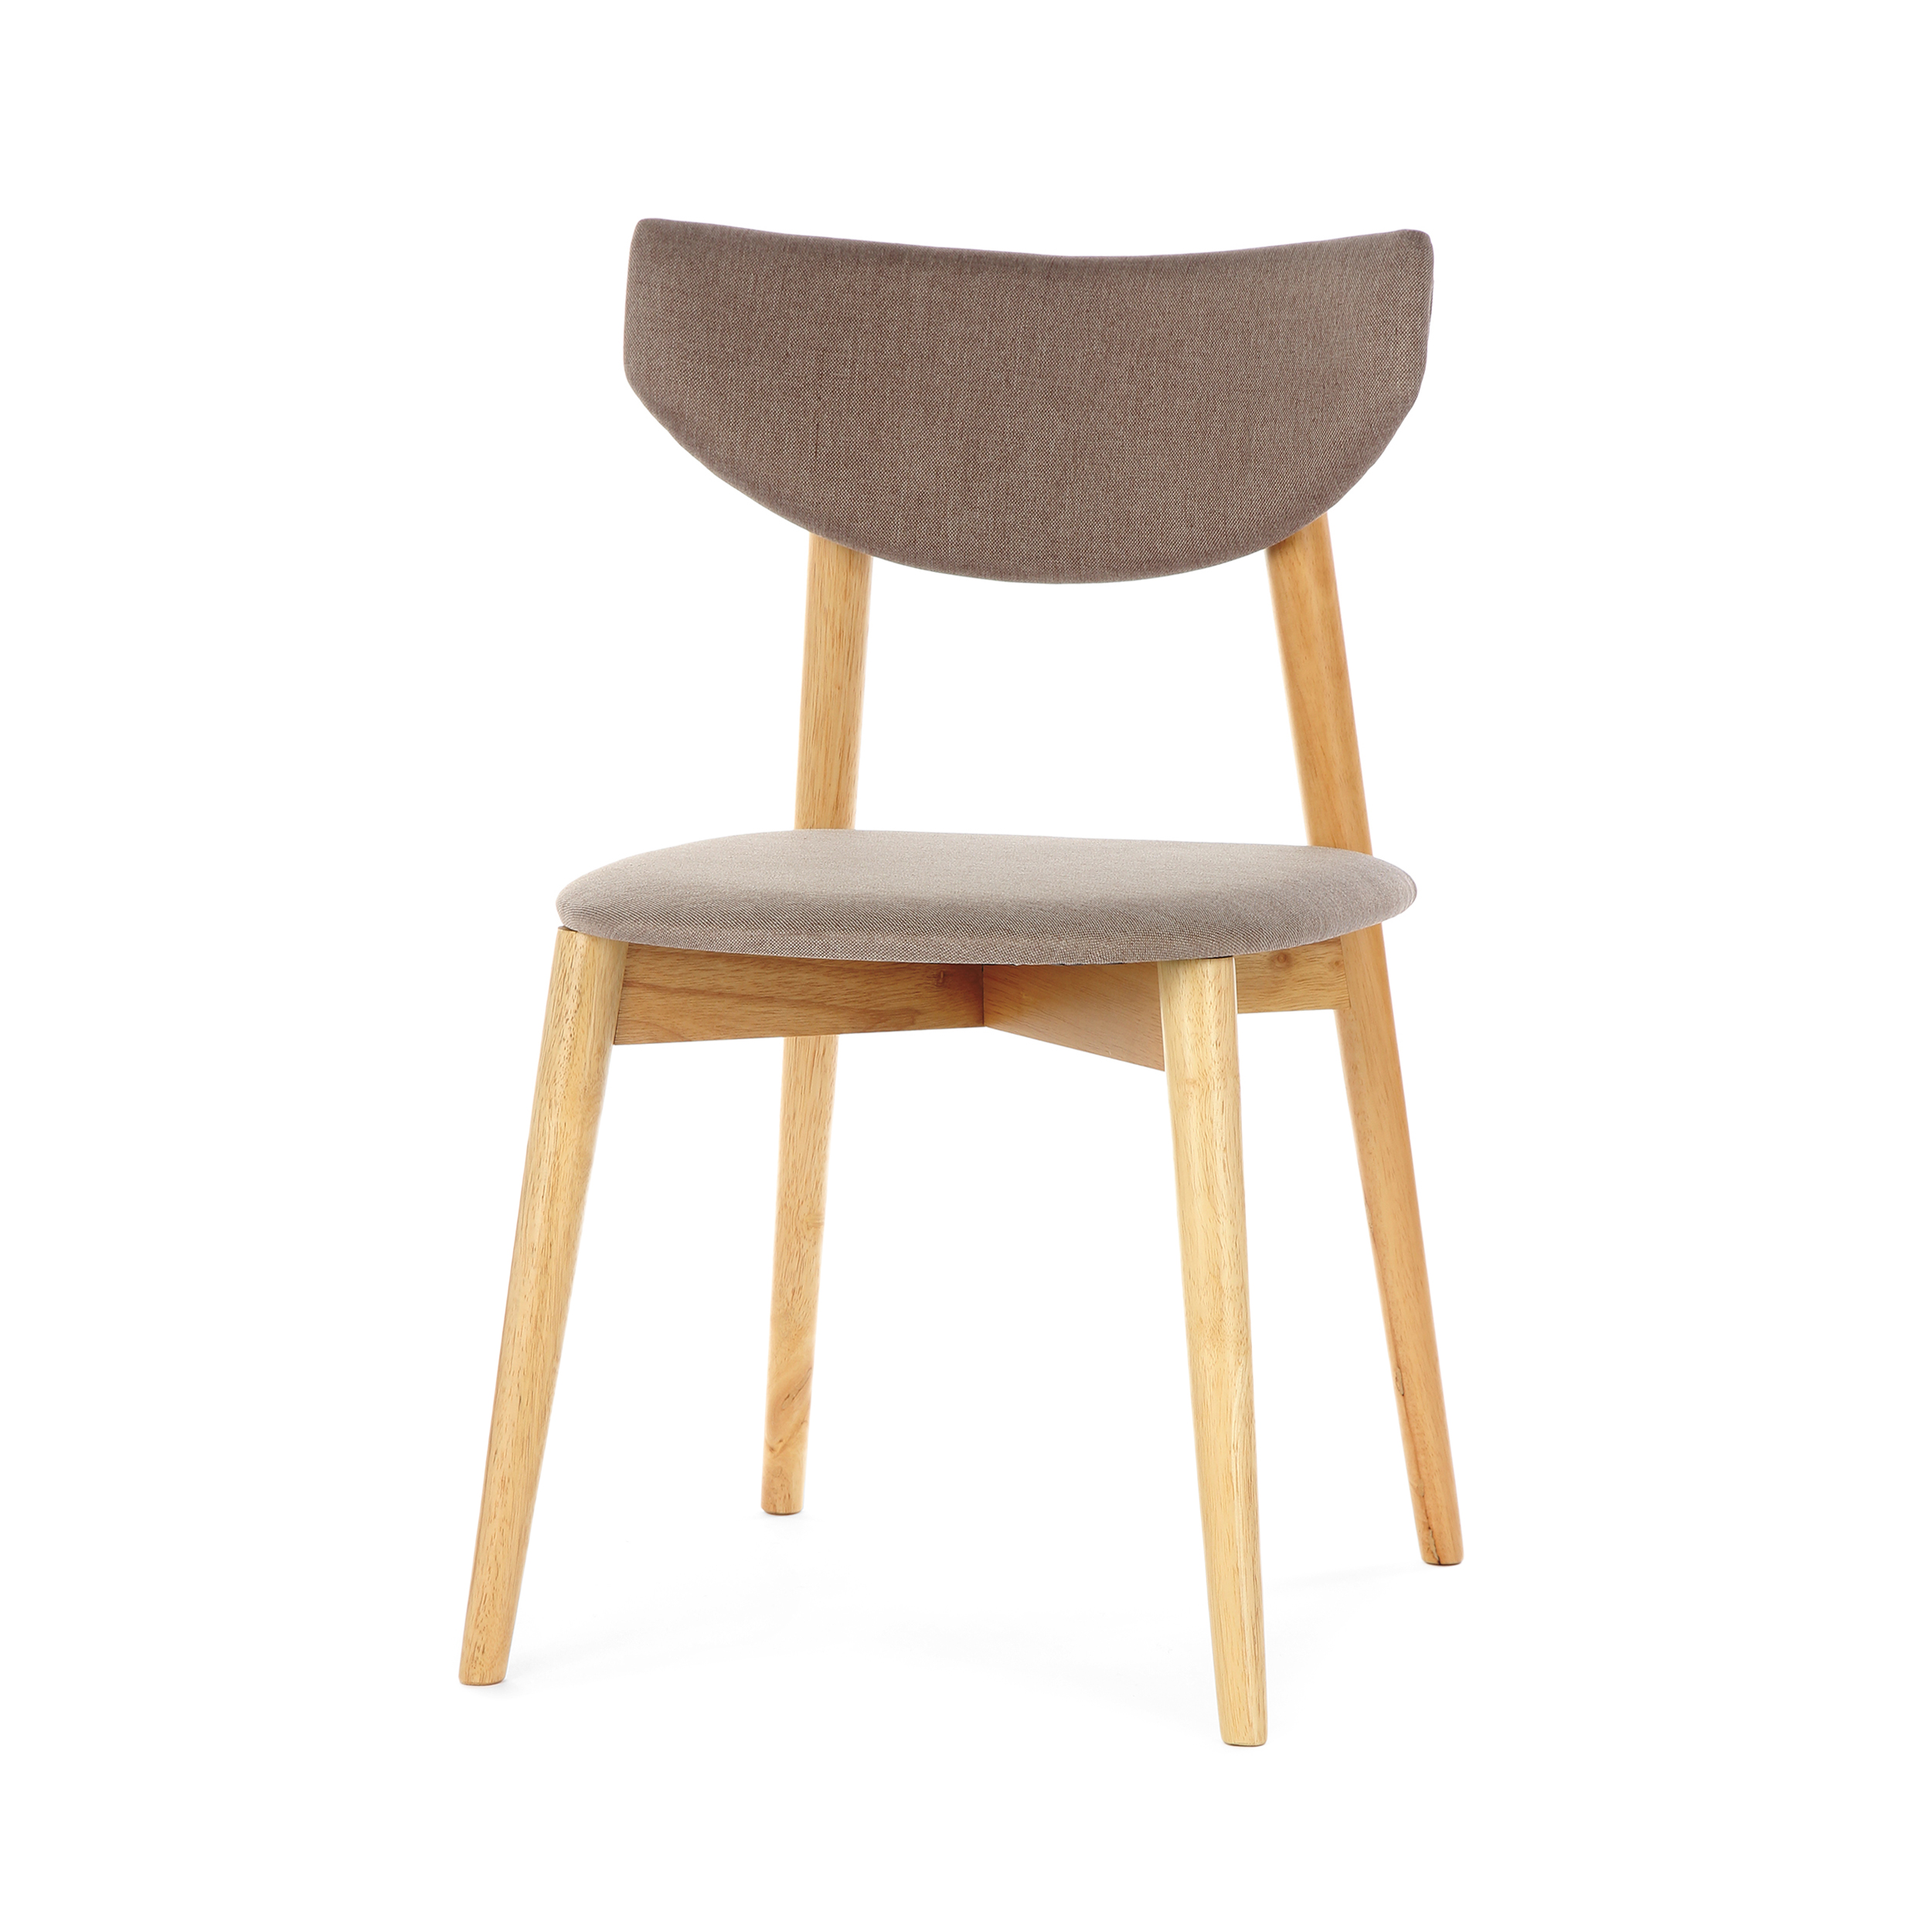 Стул JaceИнтерьерные<br>Простой ненавязчивый дизайн и стильные цвета — стул Jace обладает универсальным назначением и может применяться в самых разных местах. Дизайнер предусмотрел, чтобы изделие было как можно более удобным: спинка стула словно обтекает спину, благодаря чему сохранять правильную осанку на нем можно легко и без напряжения. На выбор предлагаются два цветовых решения: легкий бежево-серый и яркий и позитивный бирюзовый.<br><br><br> Стул Jace является прекрасным представителем мебели из каучукового дерева...<br><br>stock: 2<br>Высота: 80.5<br>Ширина: 49<br>Глубина: 48<br>Цвет ножек: Светло-коричневый<br>Материал ножек: Массив каучукового дерева<br>Материал сидения: Полиэстер<br>Цвет сидения: Бежево-серый<br>Тип материала сидения: Ткань<br>Тип материала ножек: Дерево